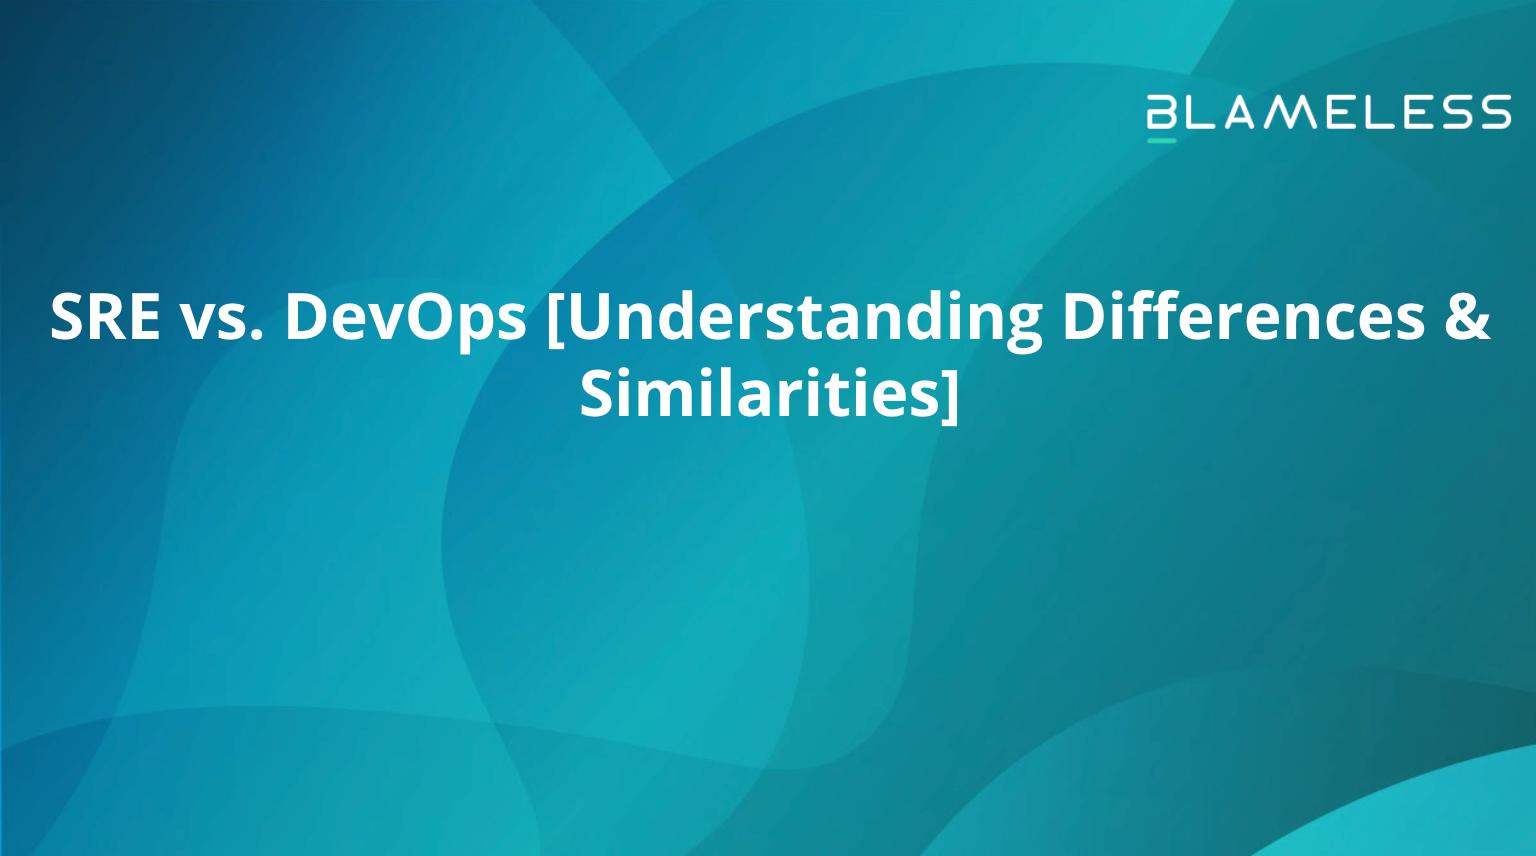 SRE vs. DevOps [Understanding Differences & Similarities]